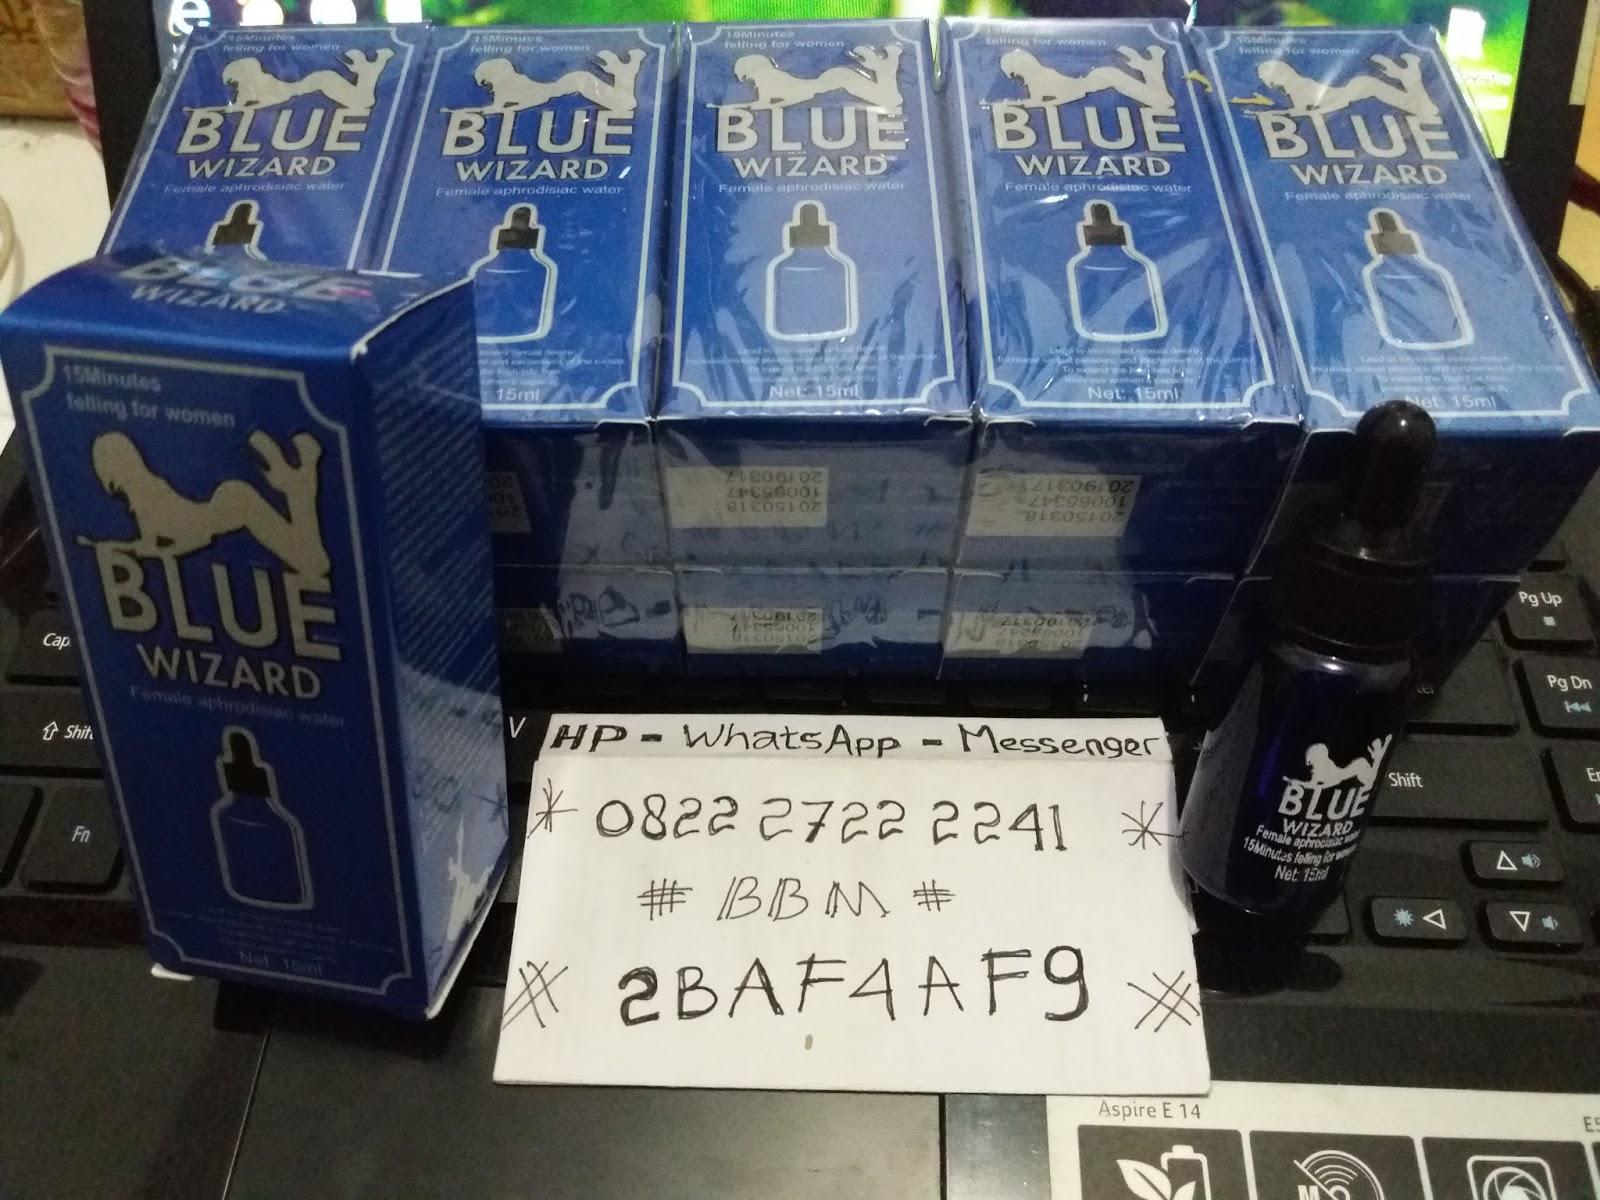 bluewizard pusat import